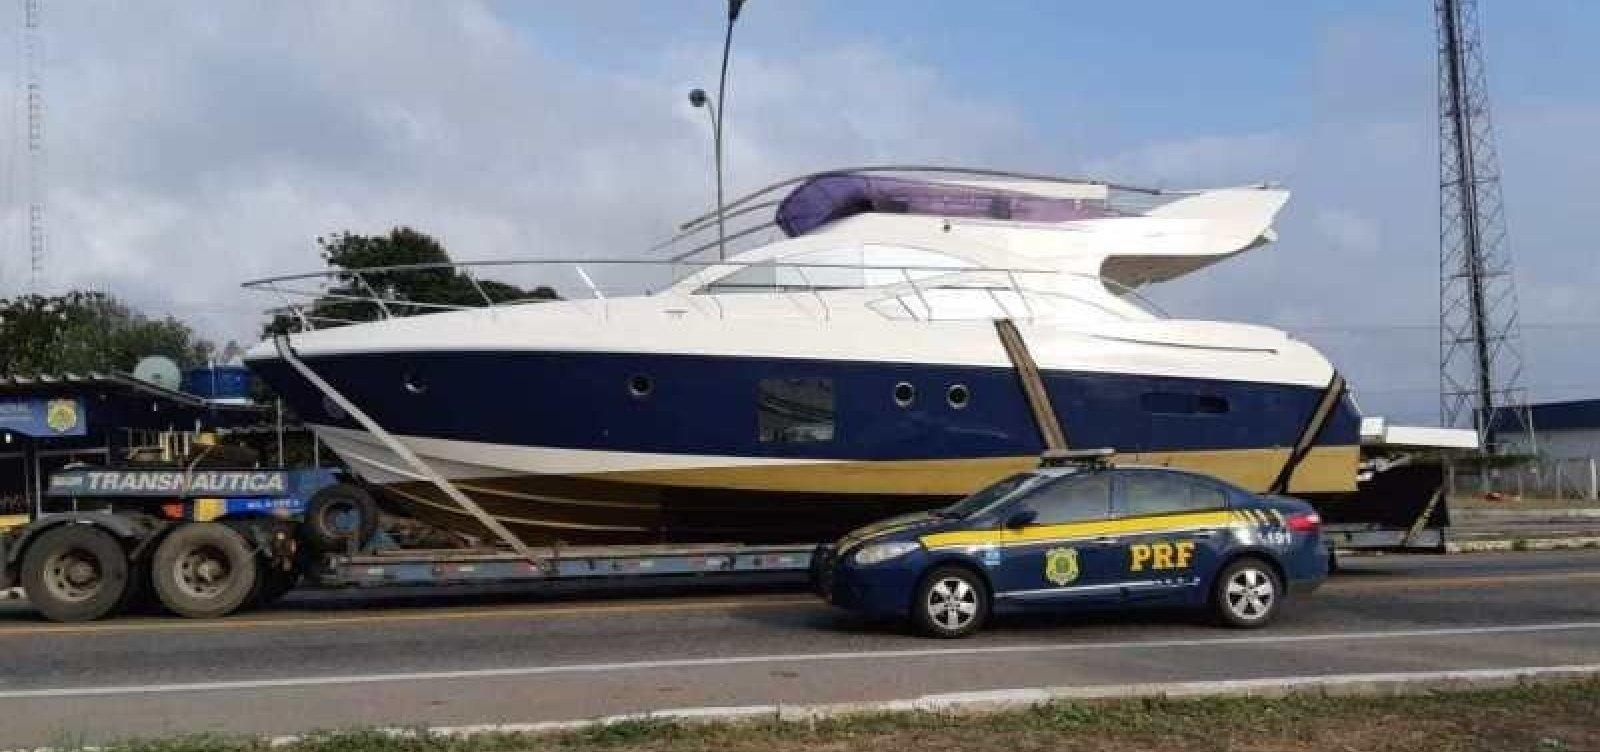 Barco de luxo é transportado irregularmente na BR-116 e fica retido em pátio da PRF